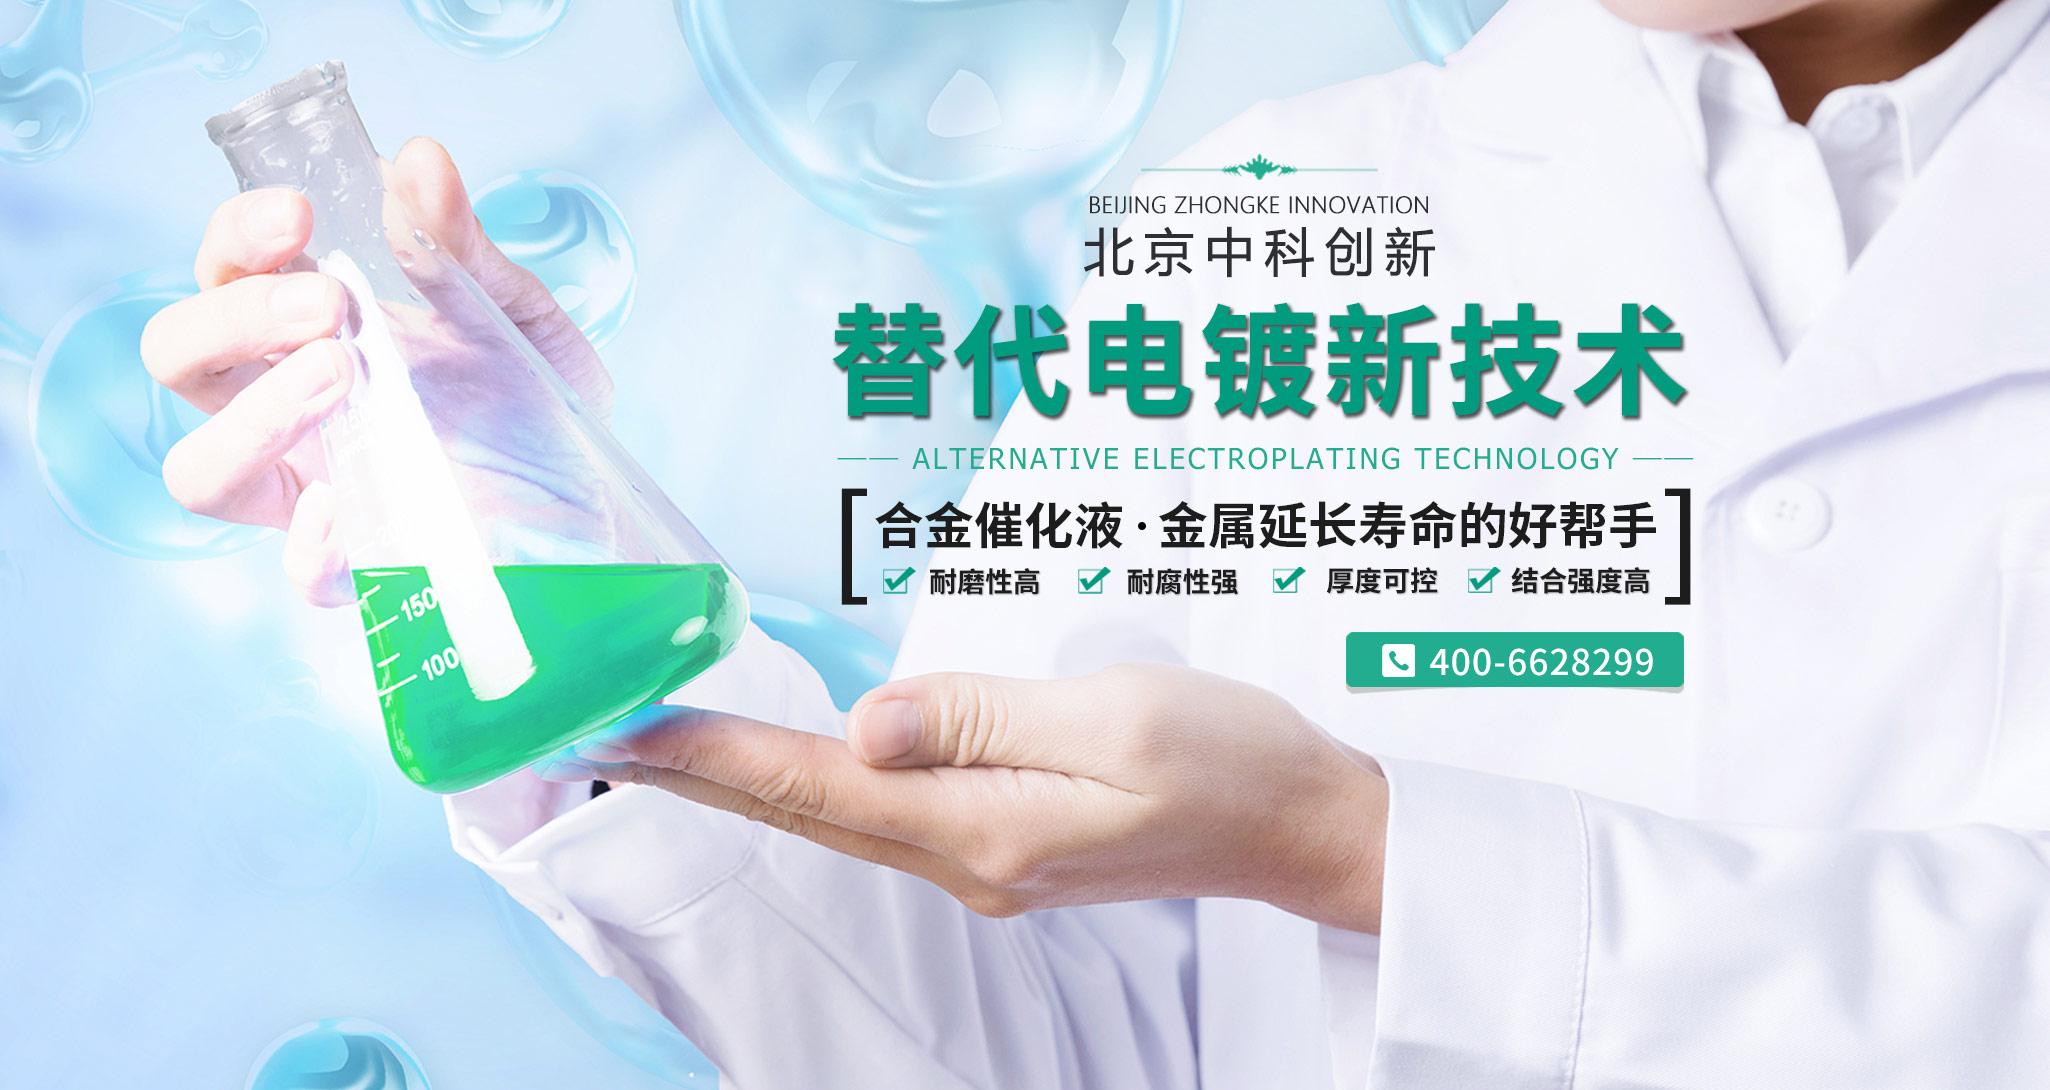 合金催化液荣获科学技术成果证书